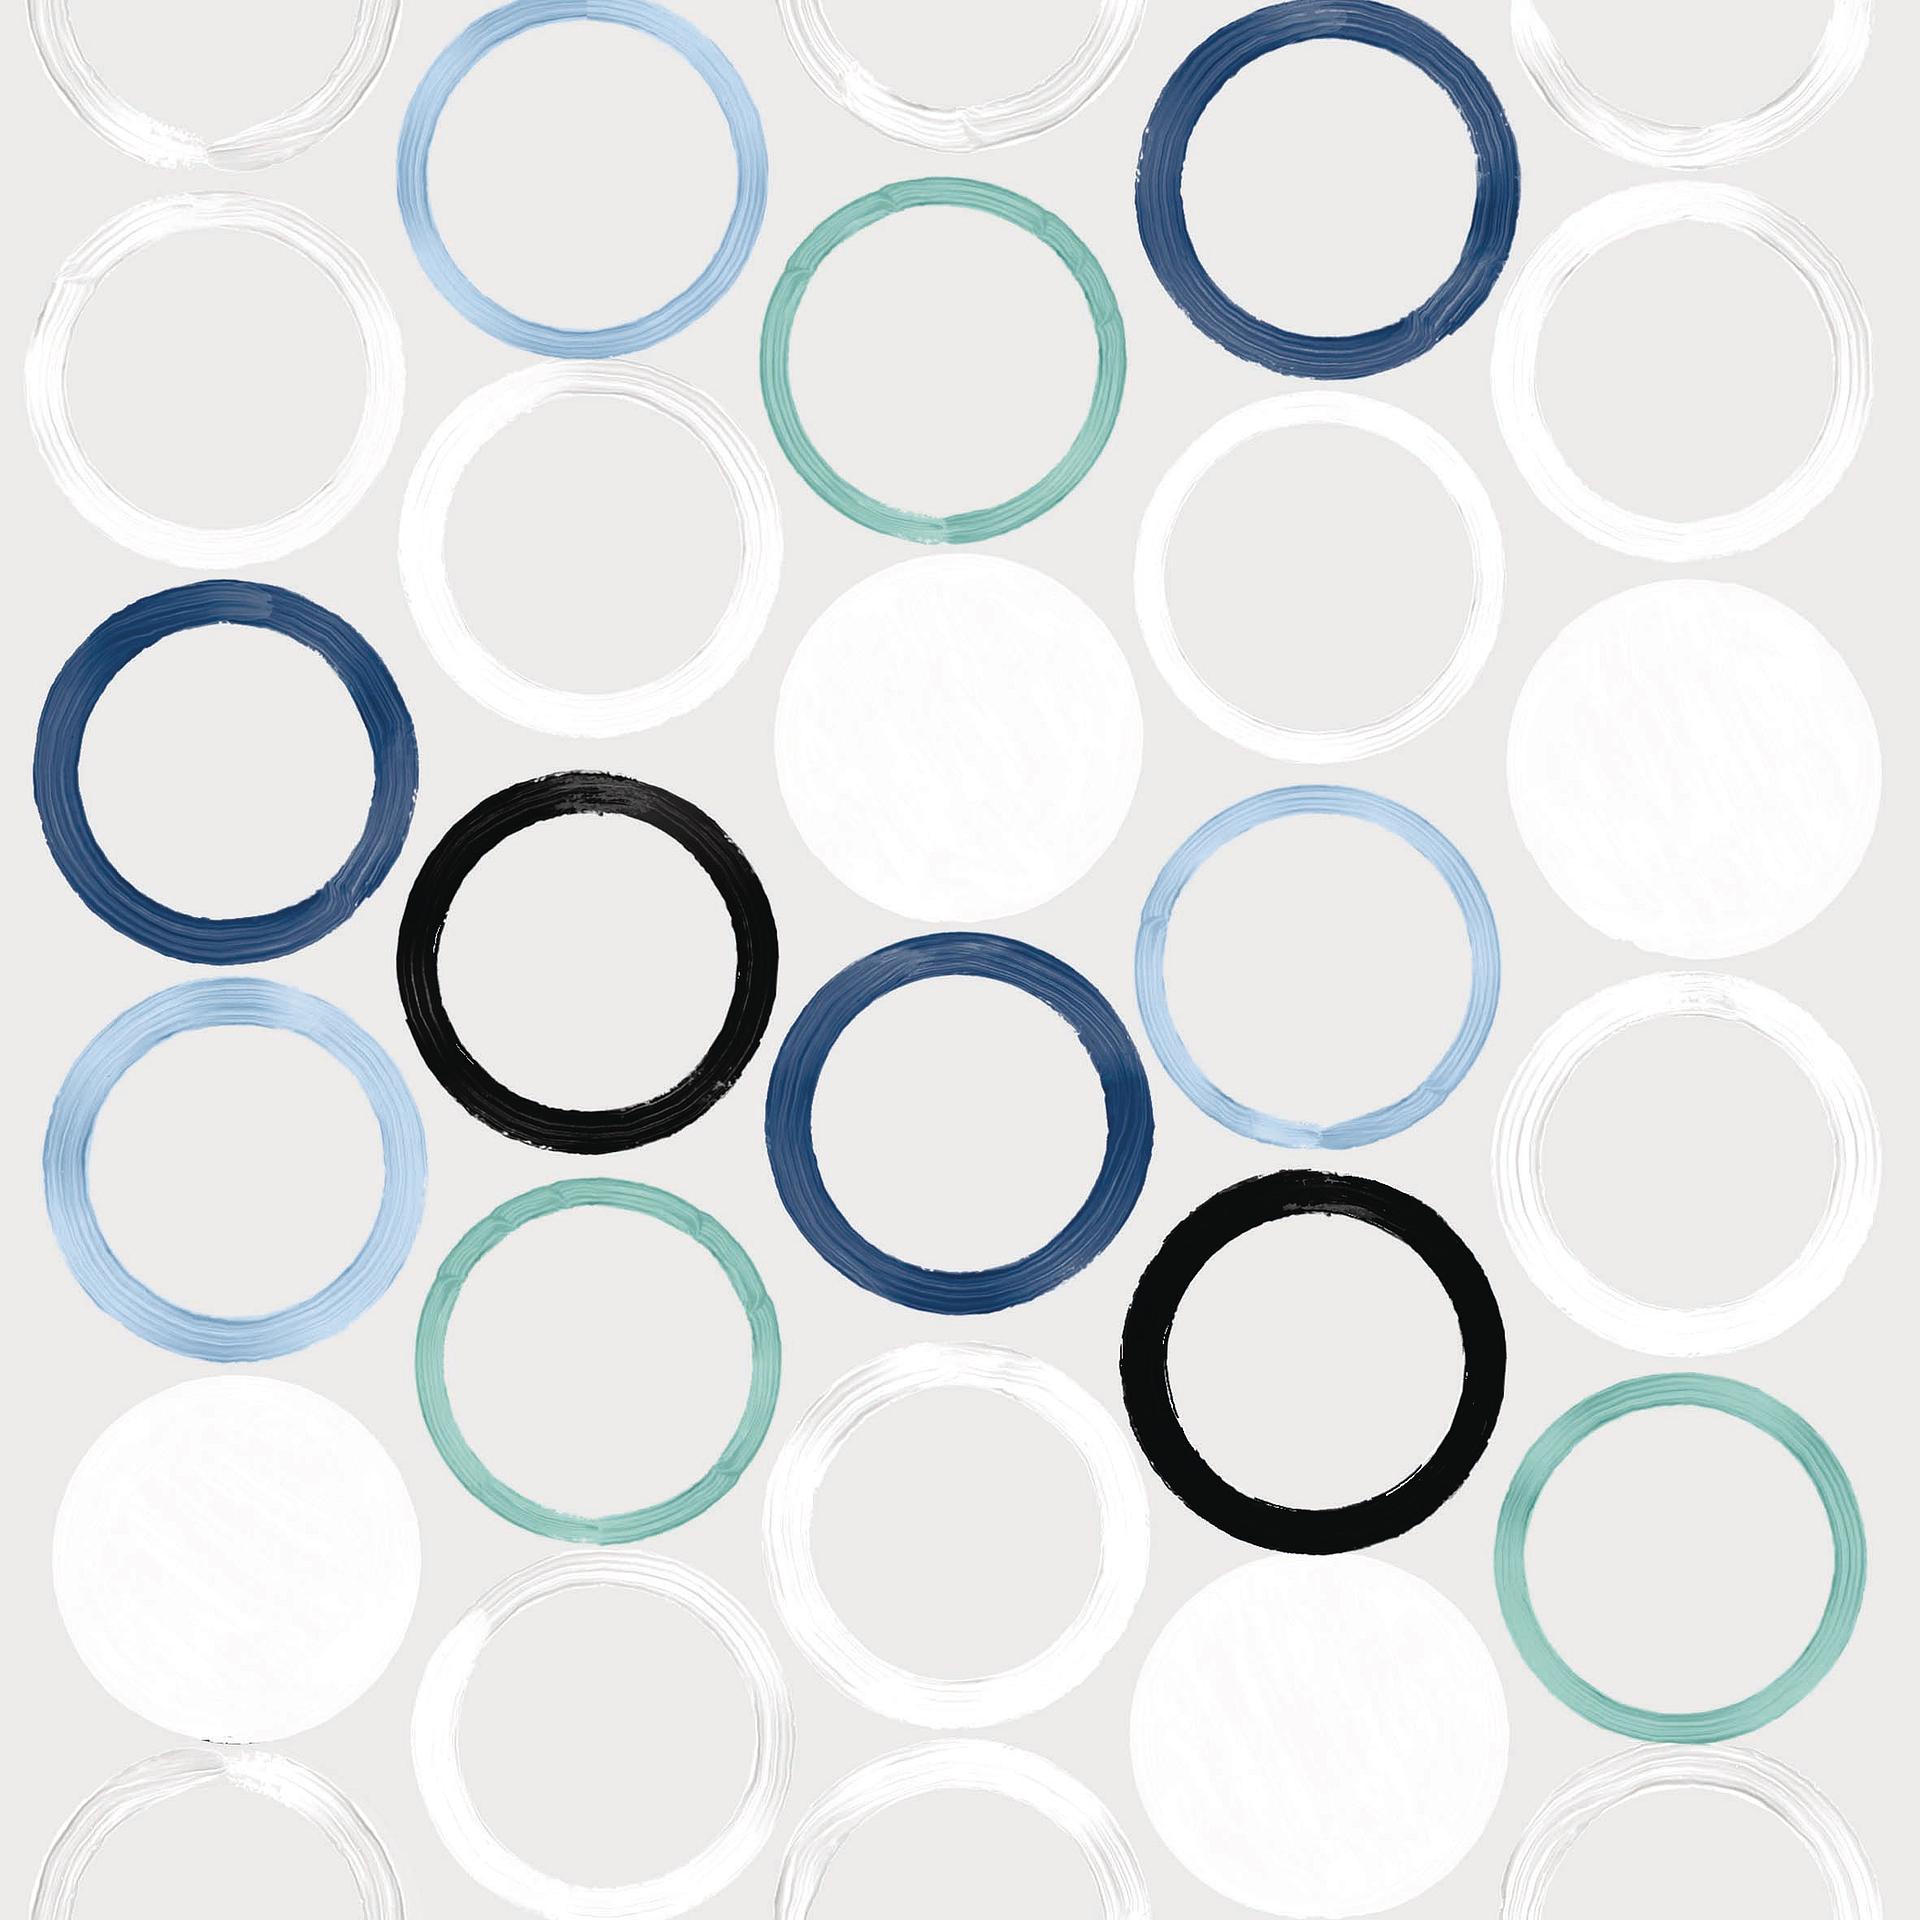 Carrelage More de Self, Grès cérame émaillé, 20x20 cm, Surface mate, Teinte multicolore,